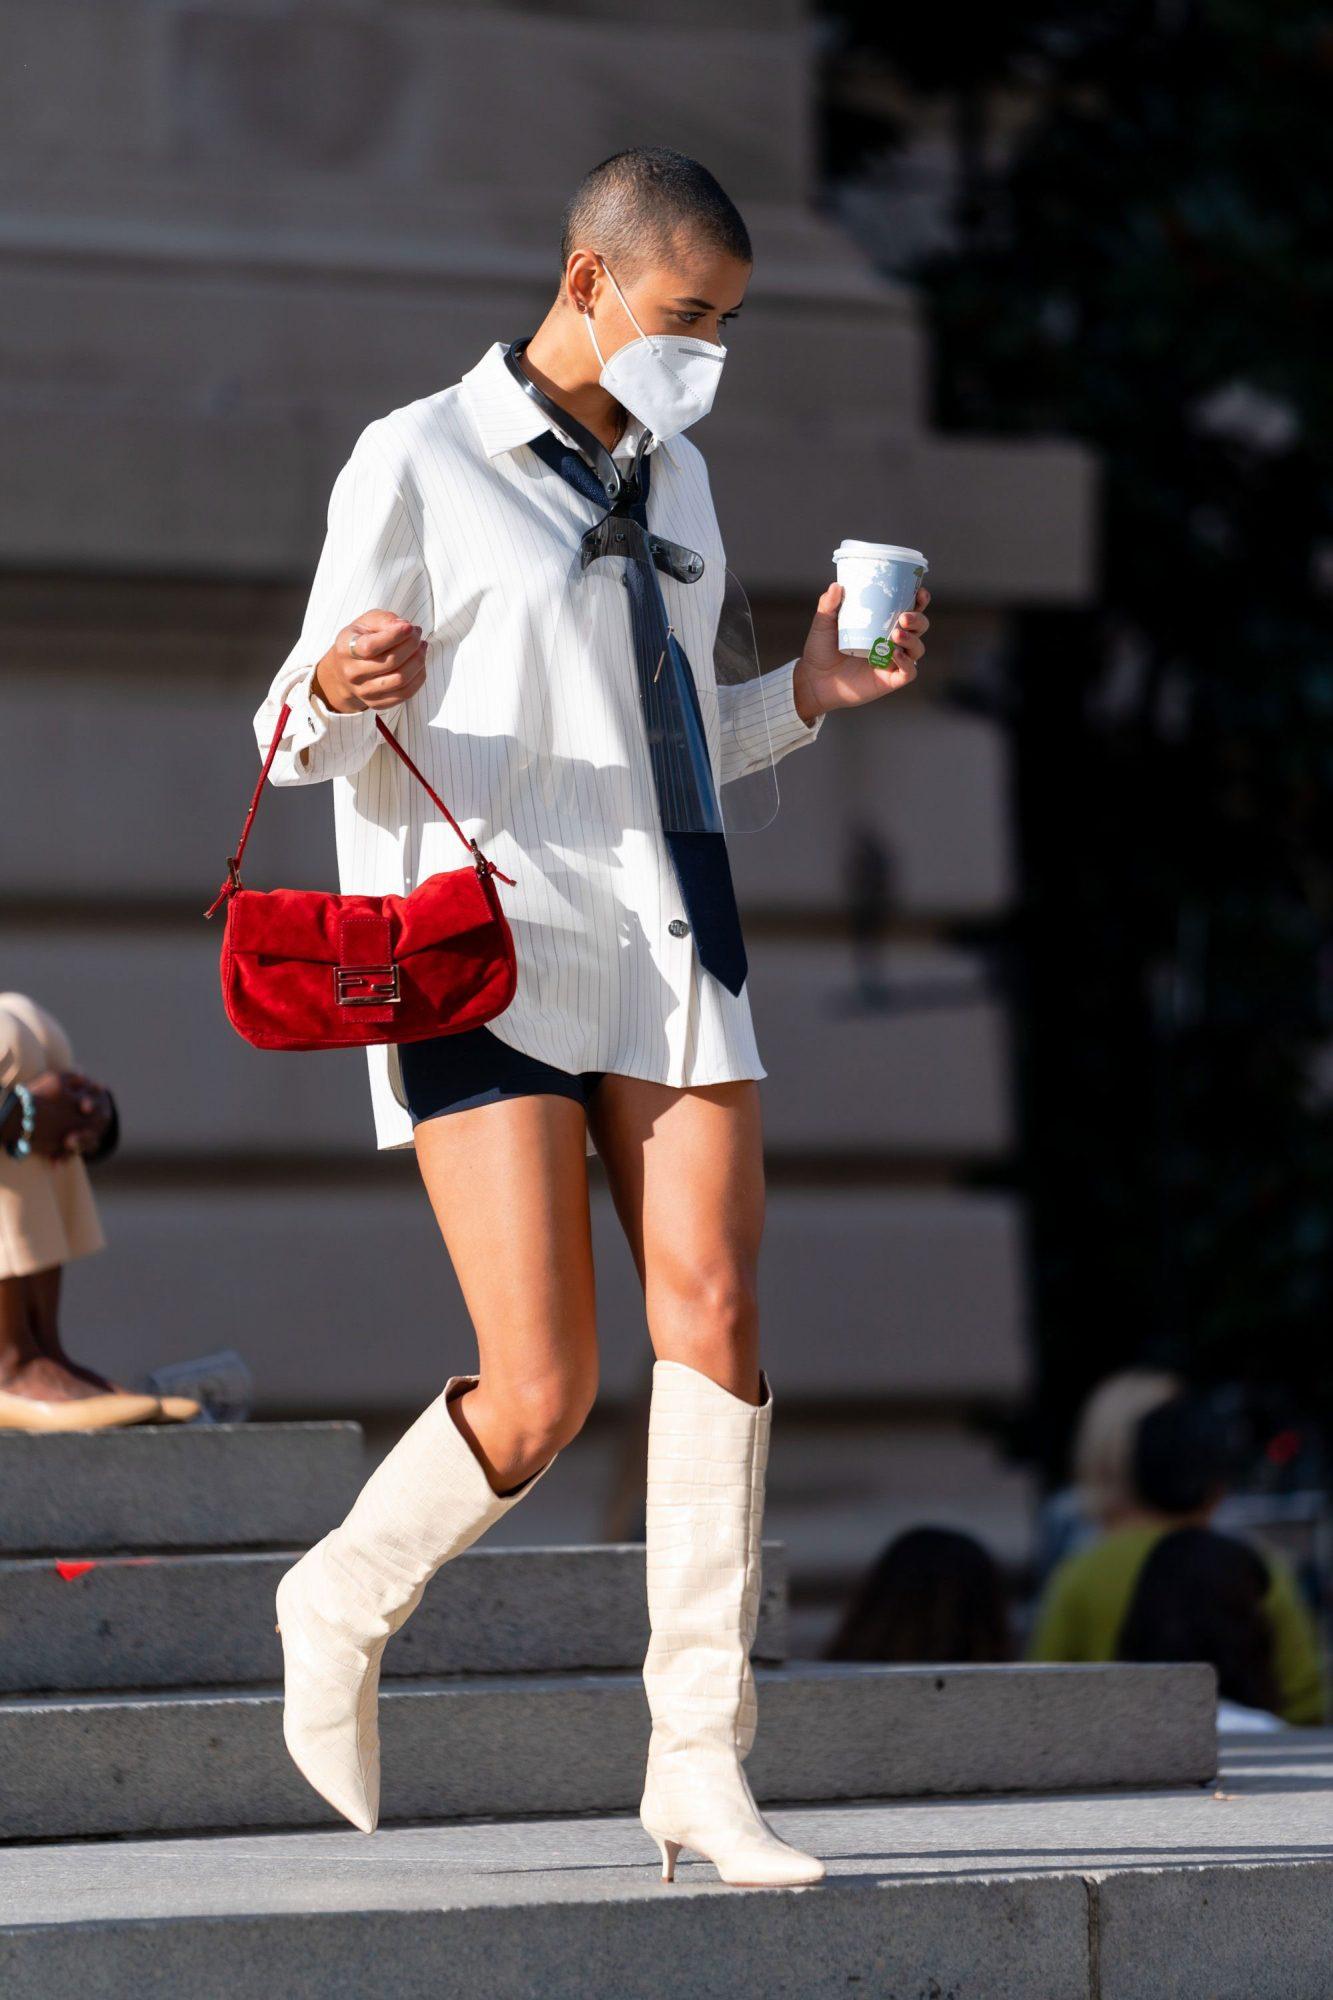 You Can Buy Gossip Girl Reboot Shoes on Amazon